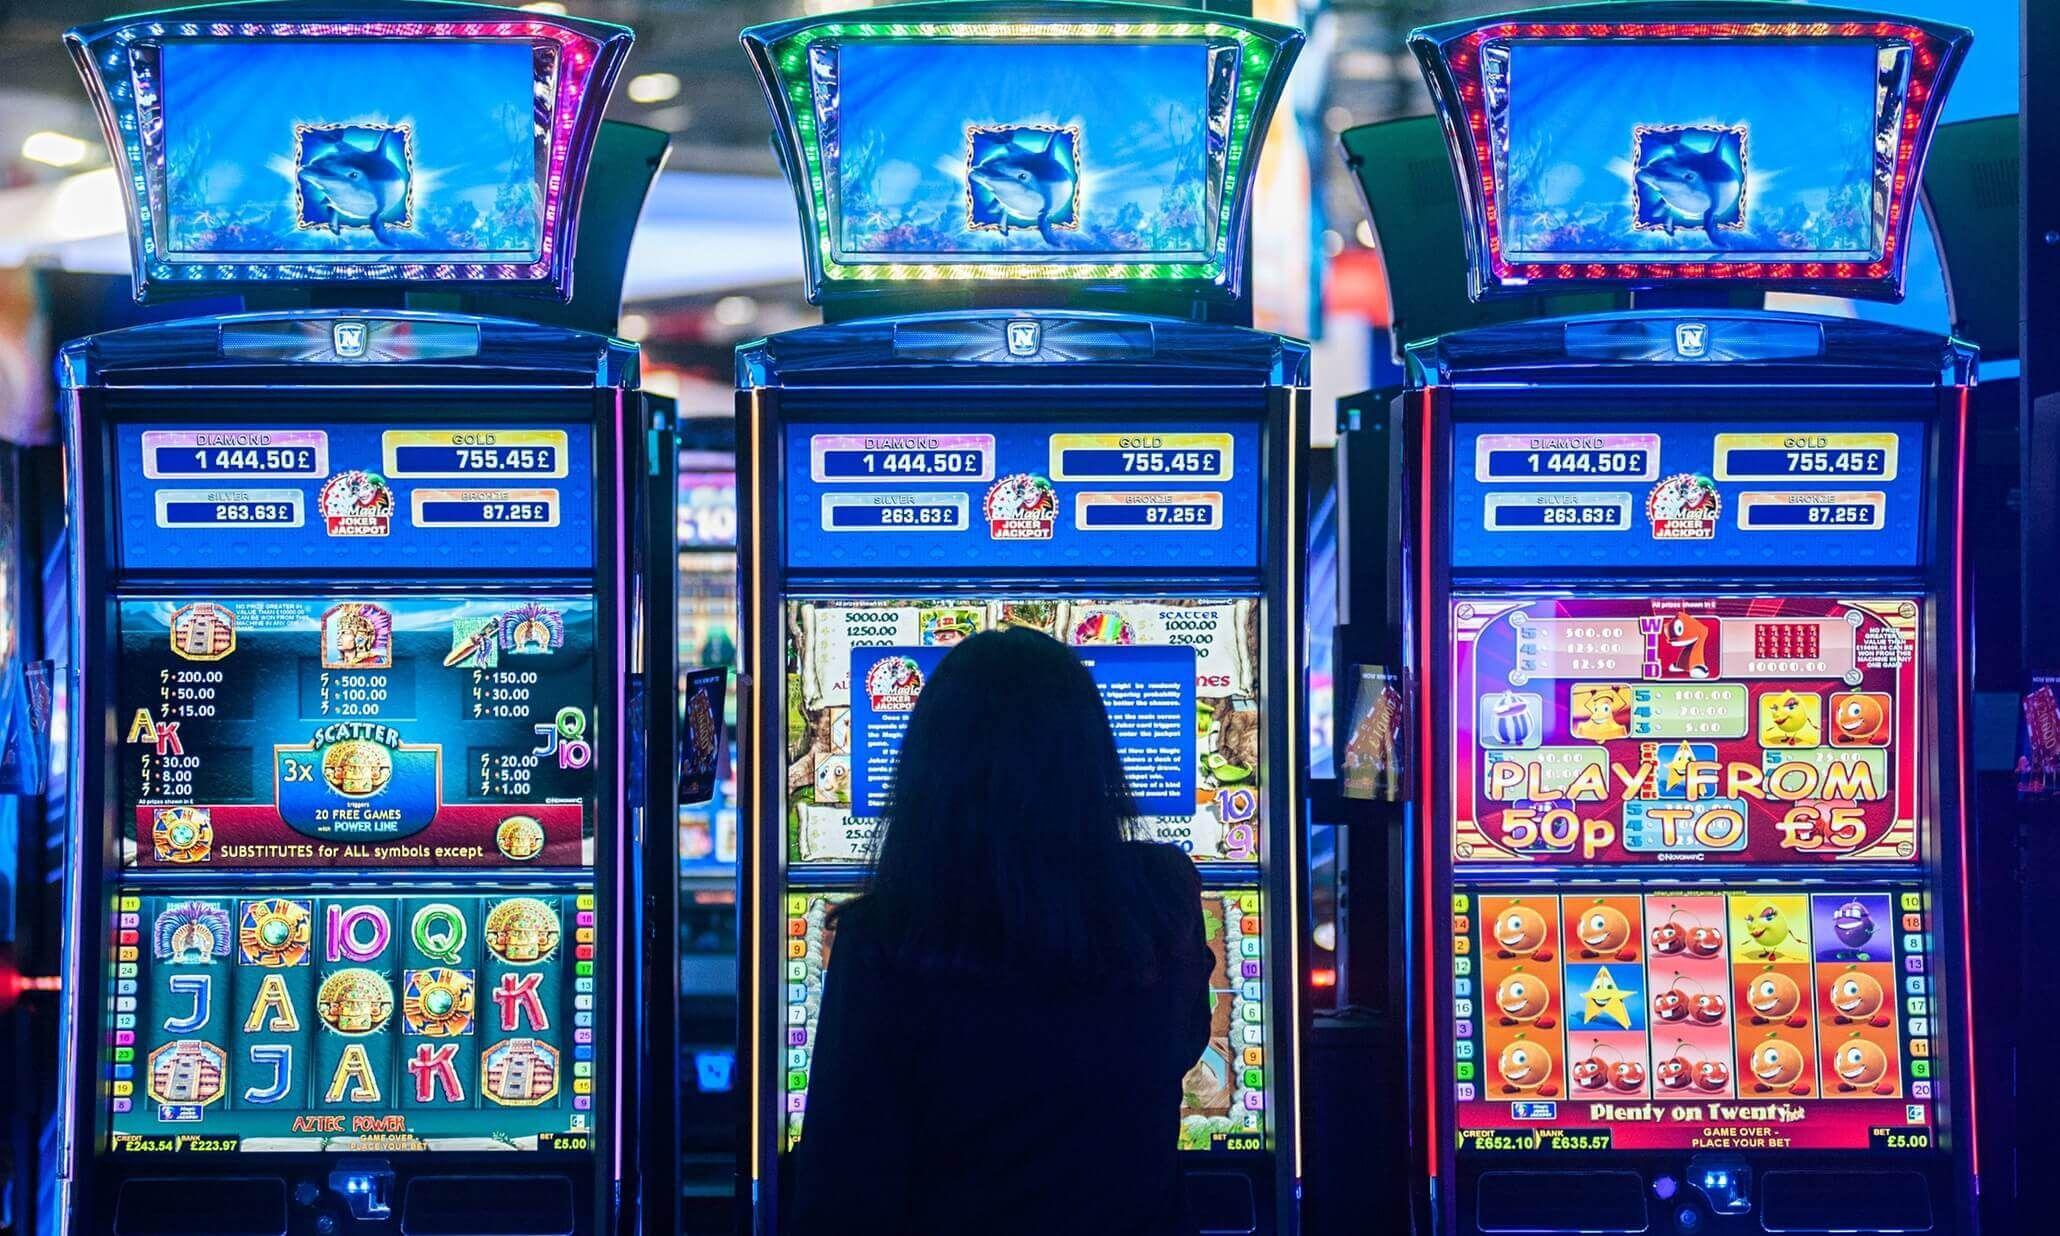 Flash игровые автоматы скачать бухгалтерия казино кристалл